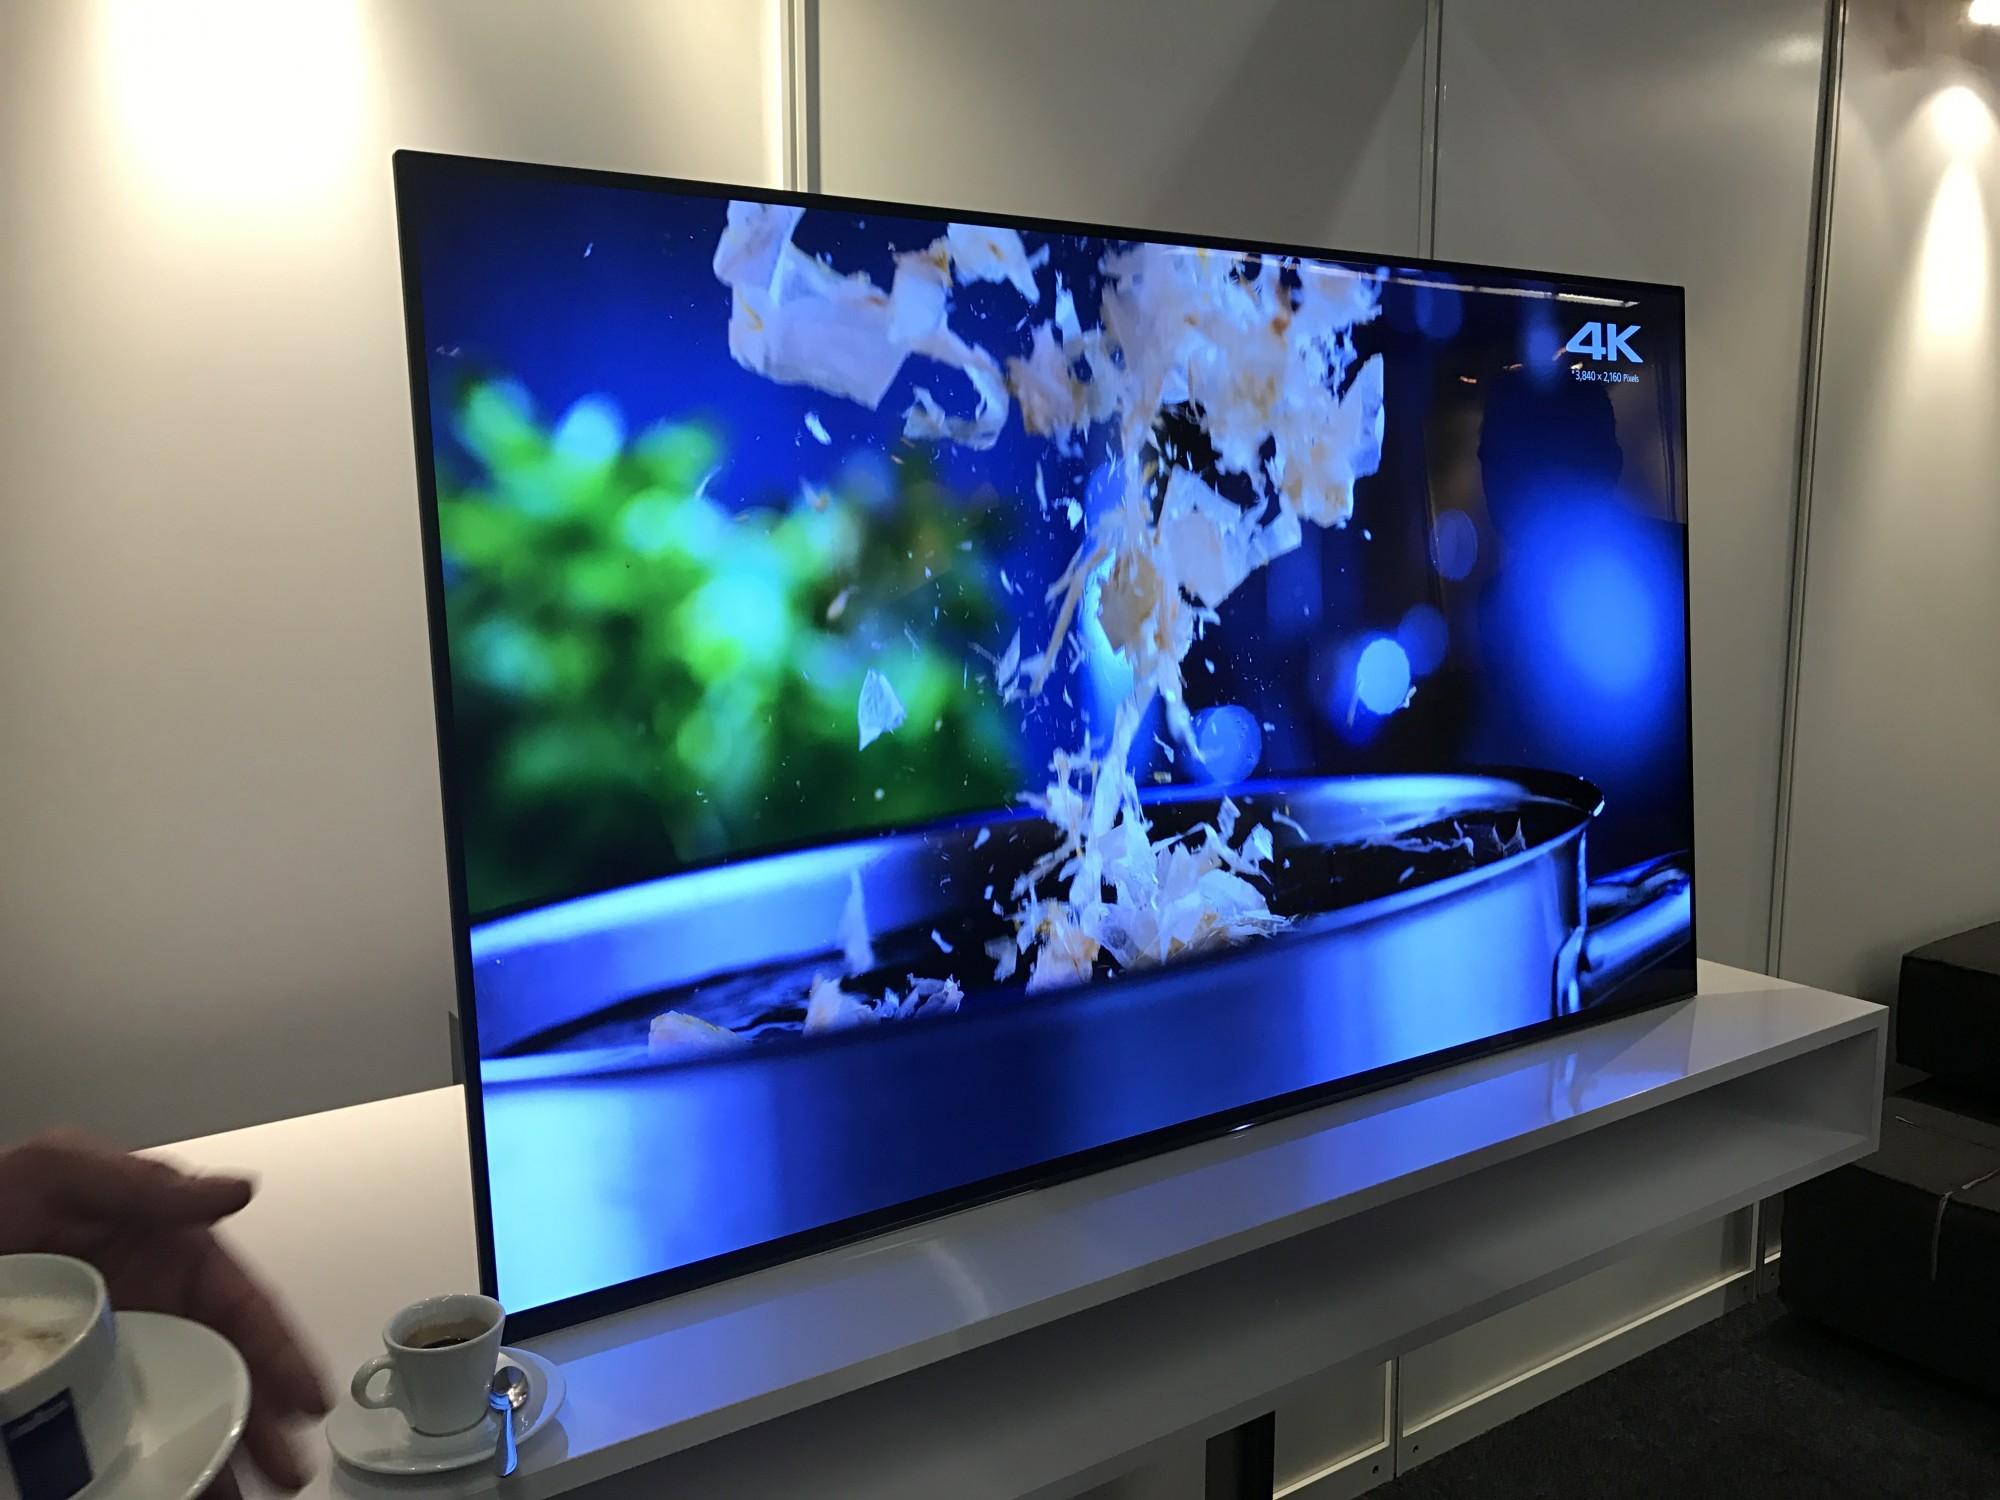 Meilleur TV OLED Sony dynamichomecinema.fr